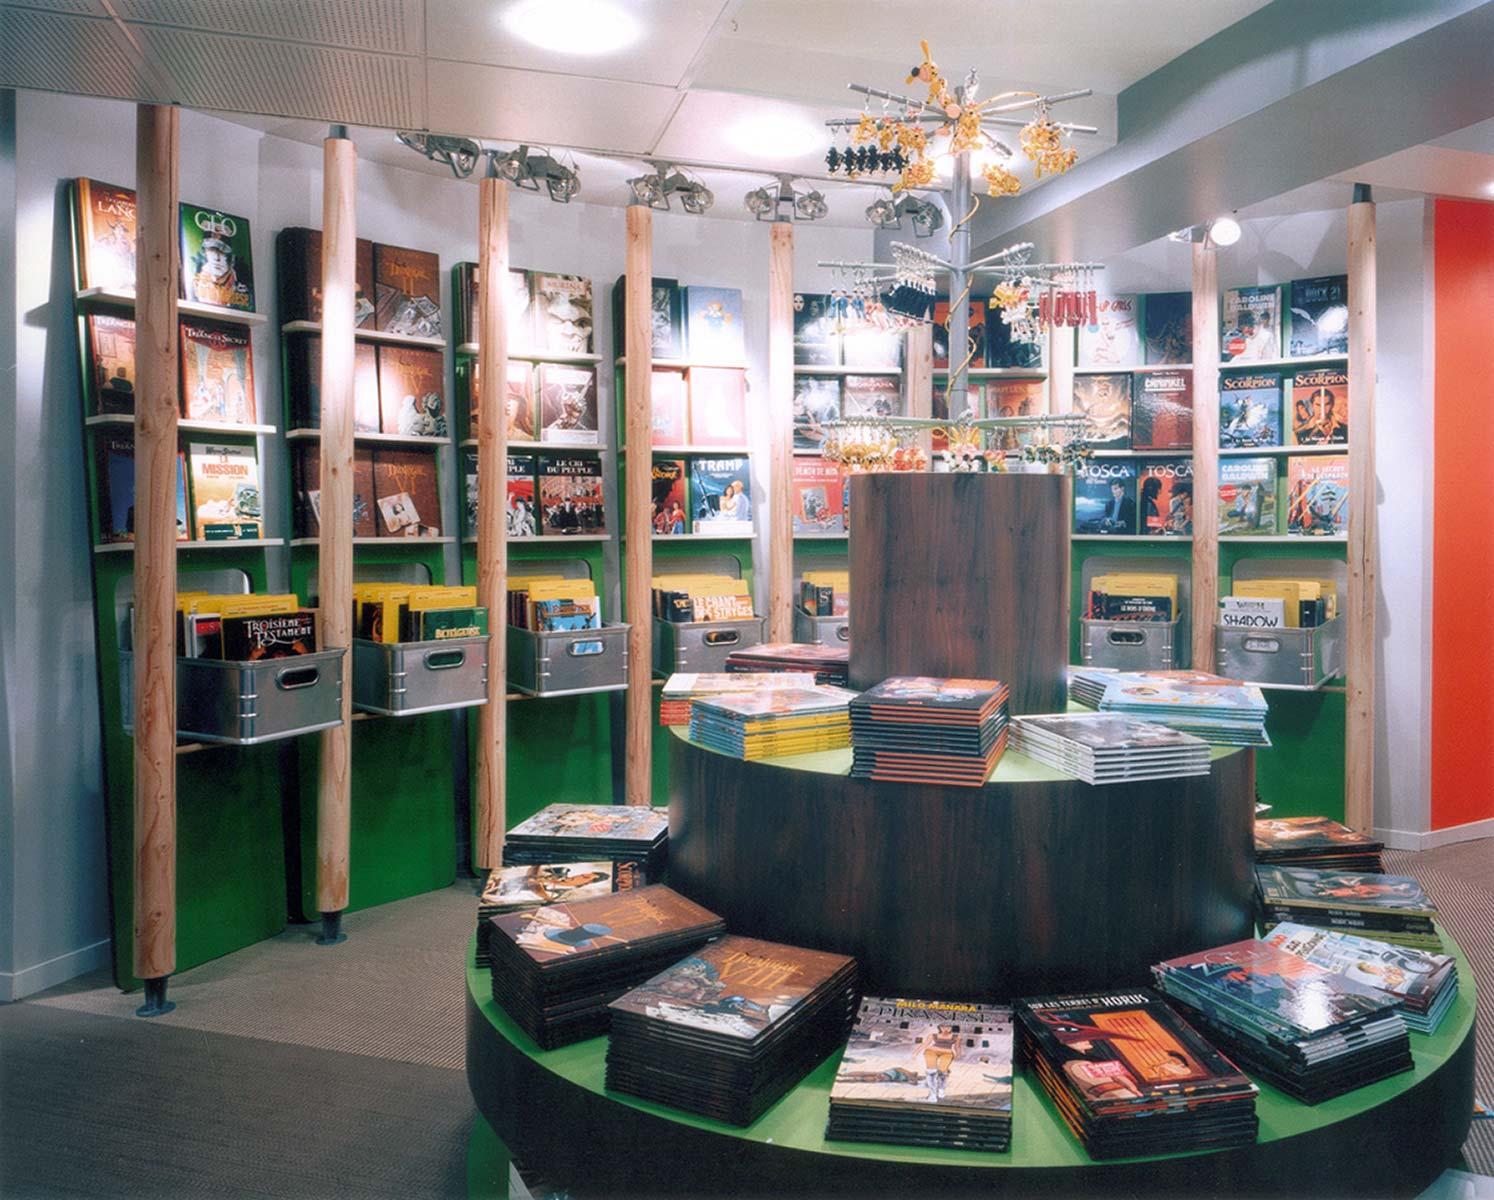 Lautrefabrique architectes librairie bulles de salons for Calendrier salon paris